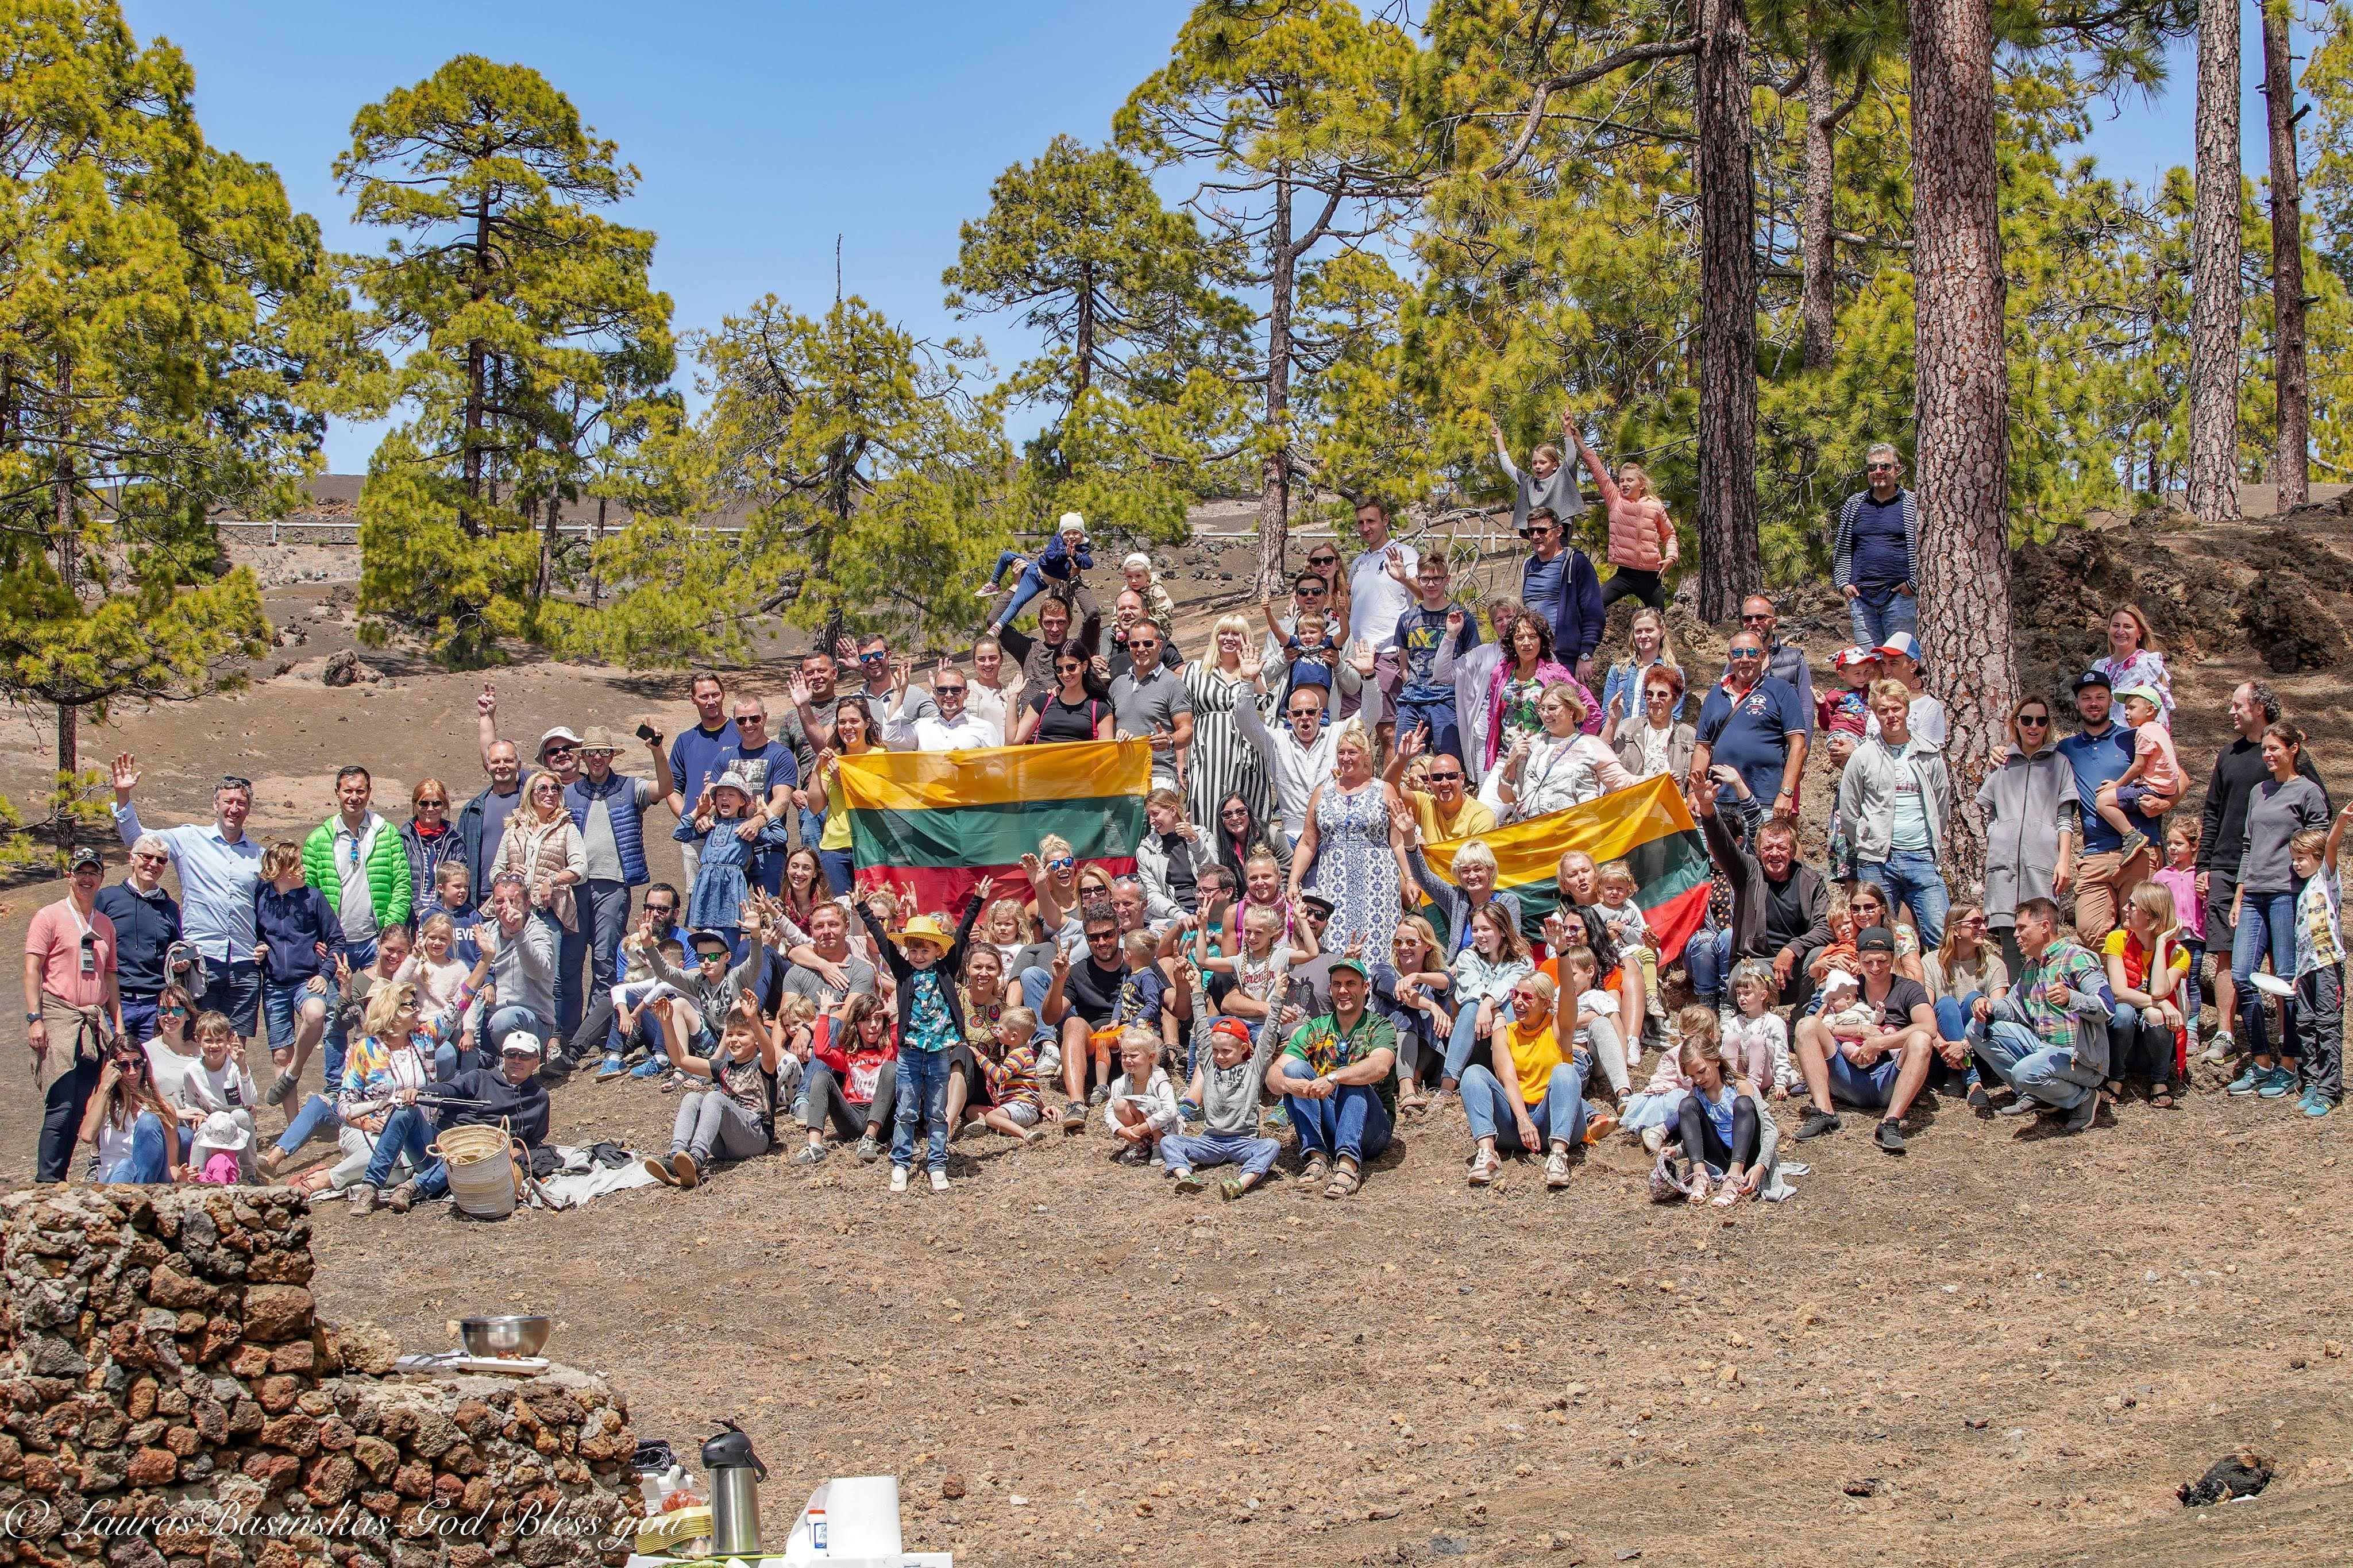 Lietuvių bendruomenė Tenerifė, Velykos kalnuose, 2019 balandis